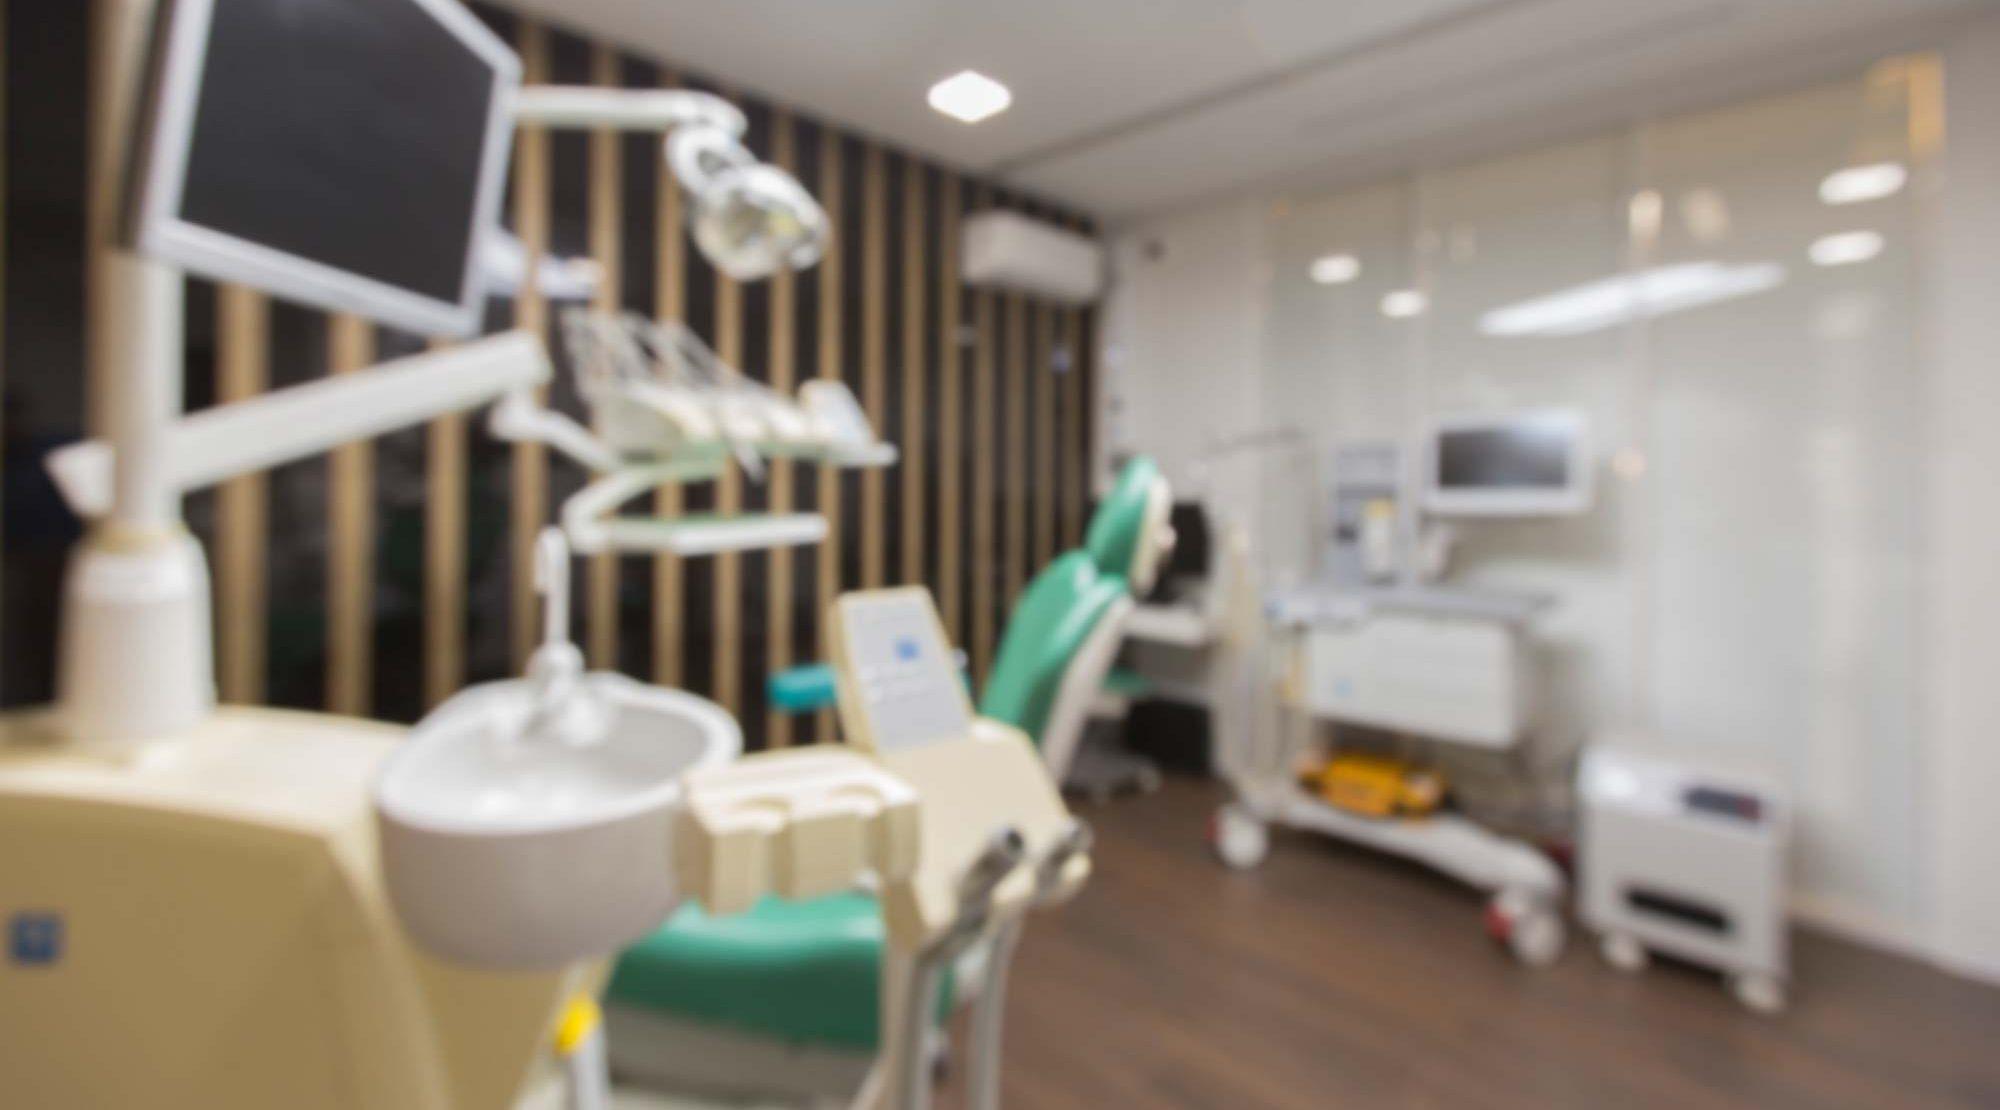 CDO for England warns of new era for dental care